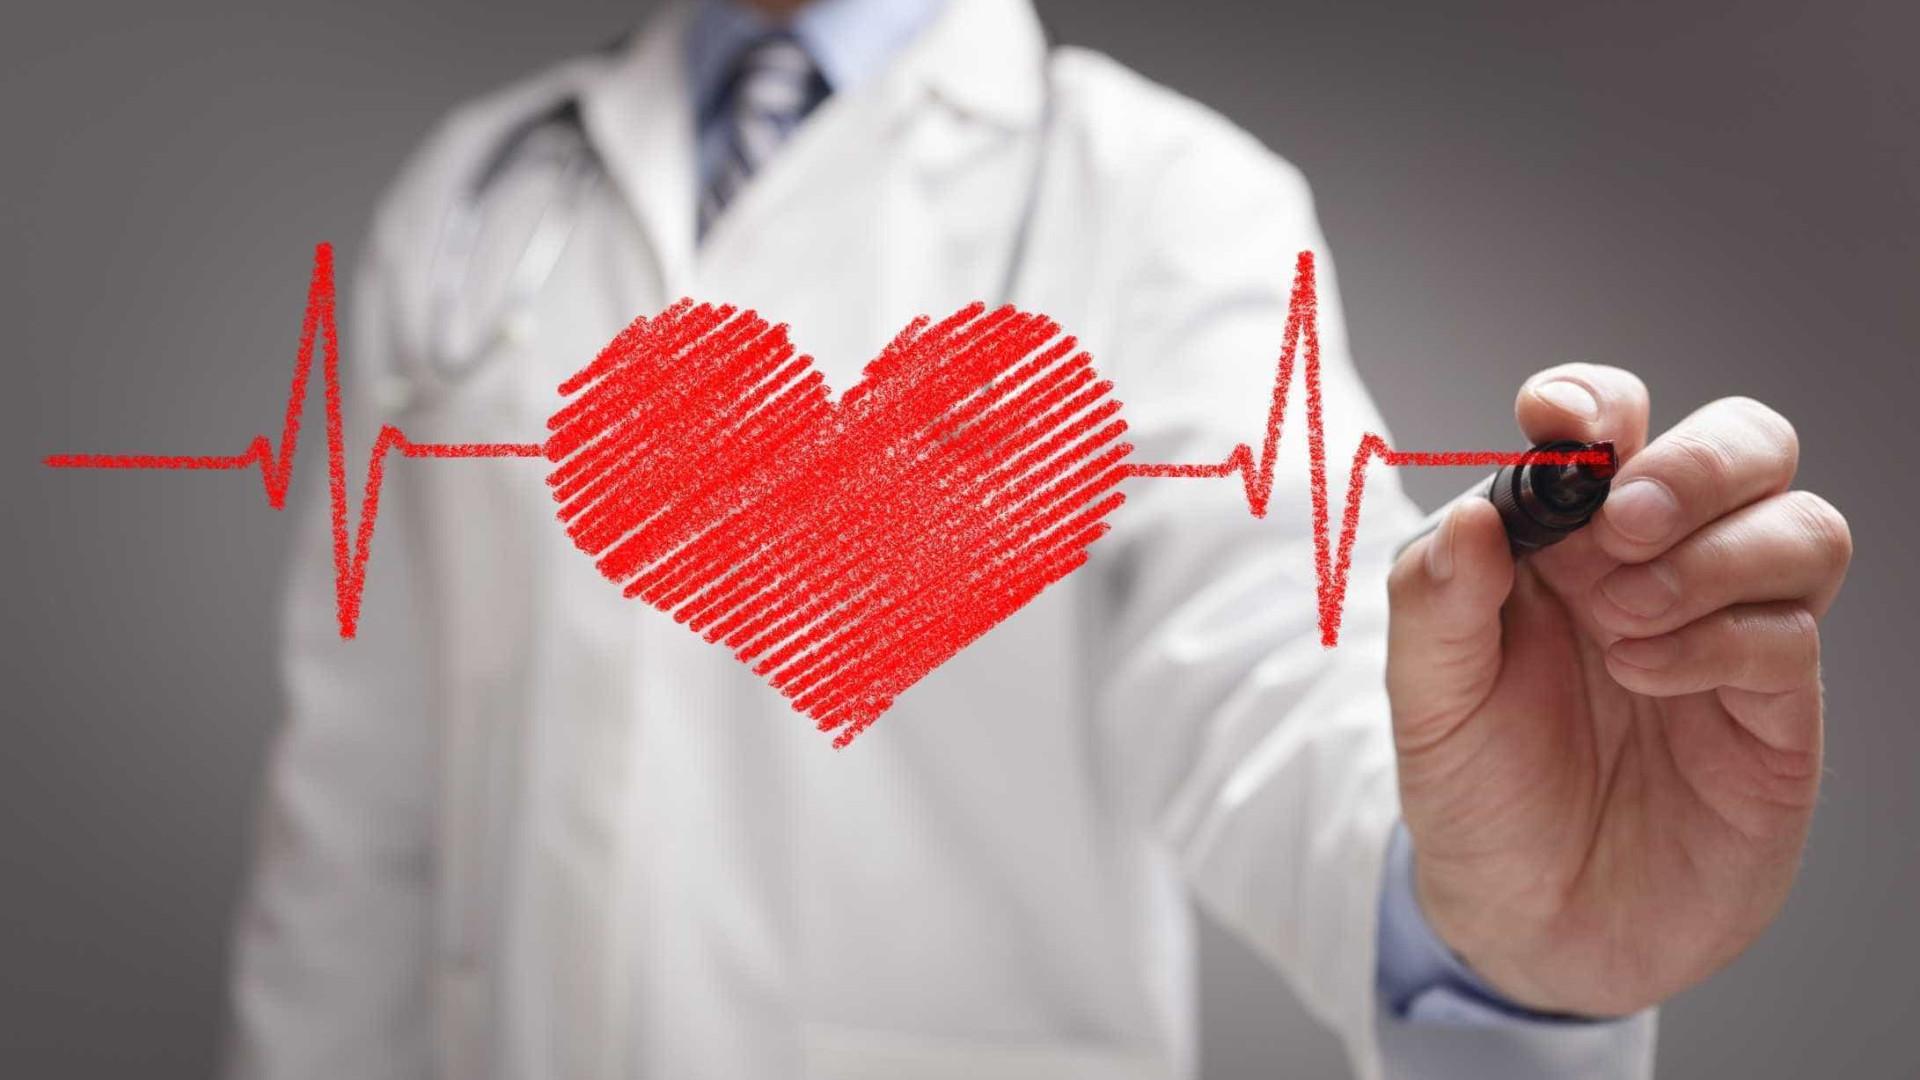 Descoberta proteína que imita o efeito do exercício e beneficia o coração